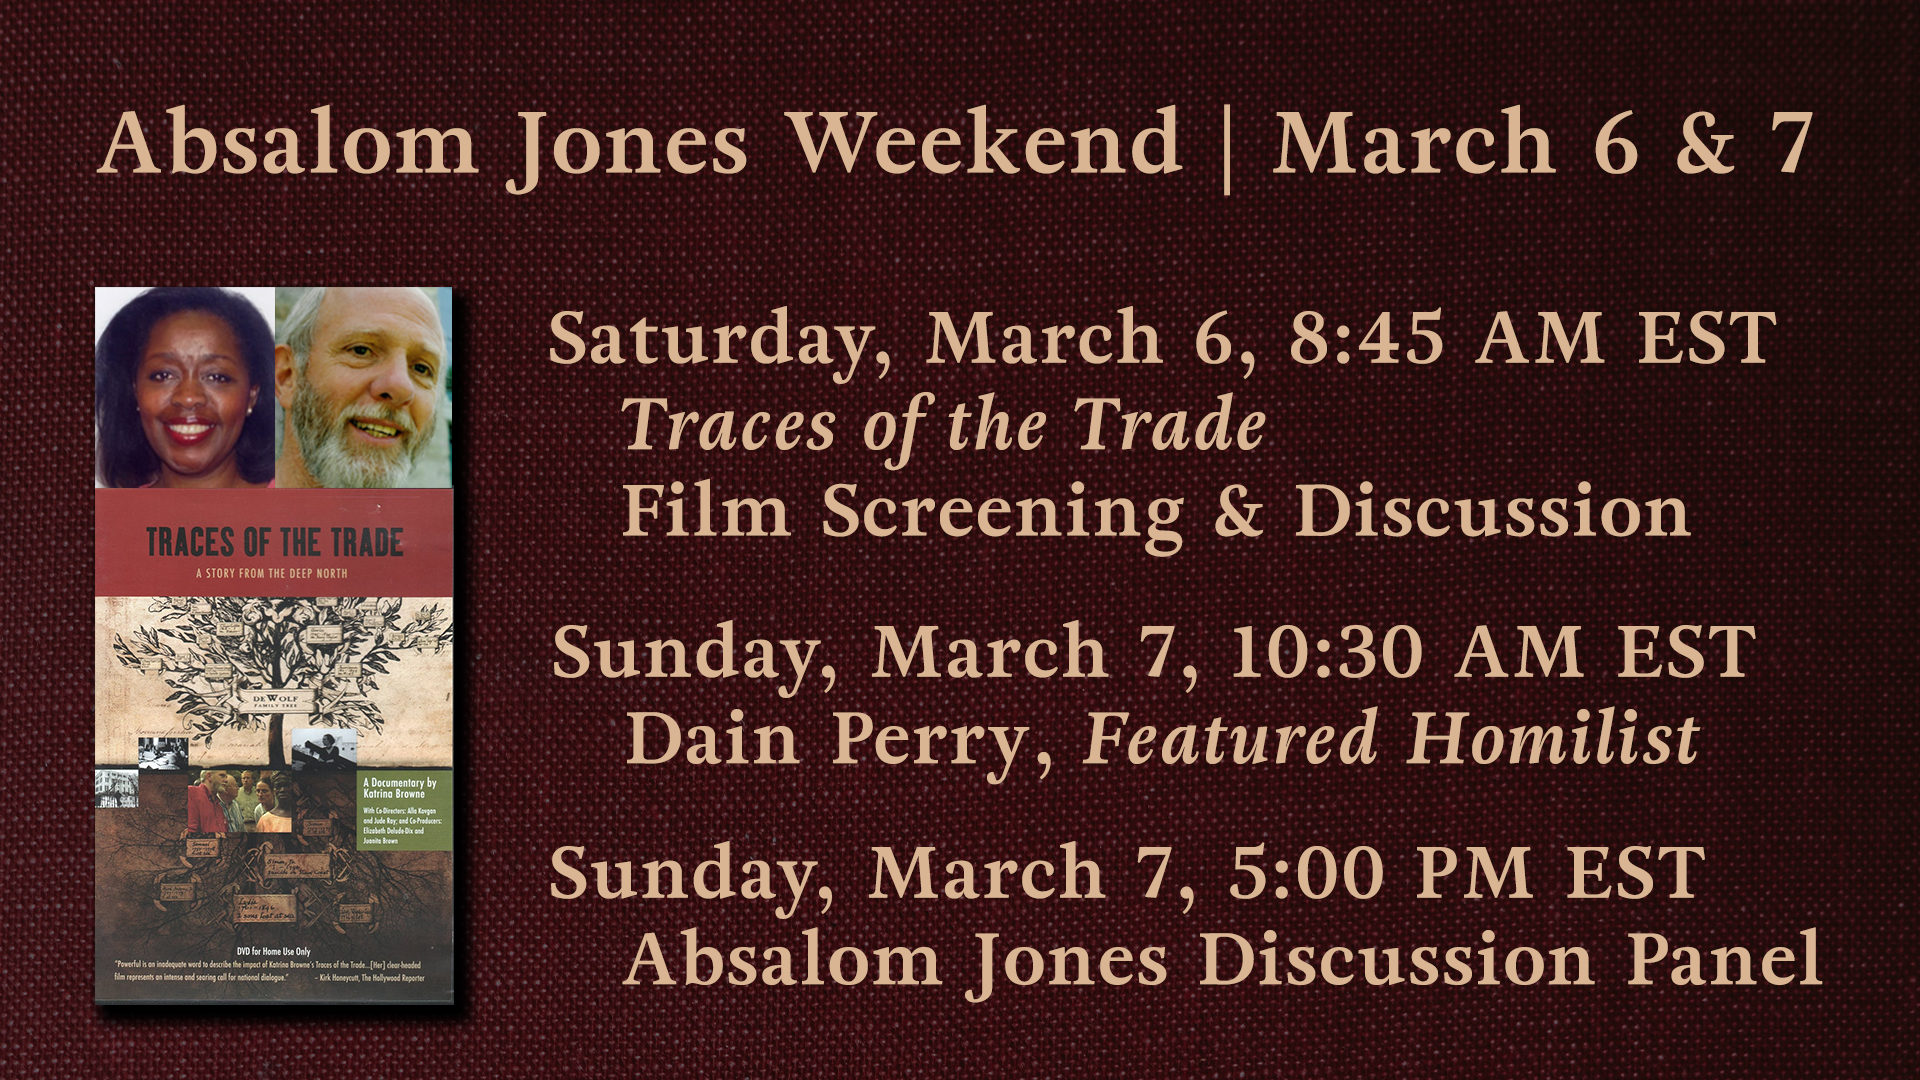 Absalom Jones Weekend